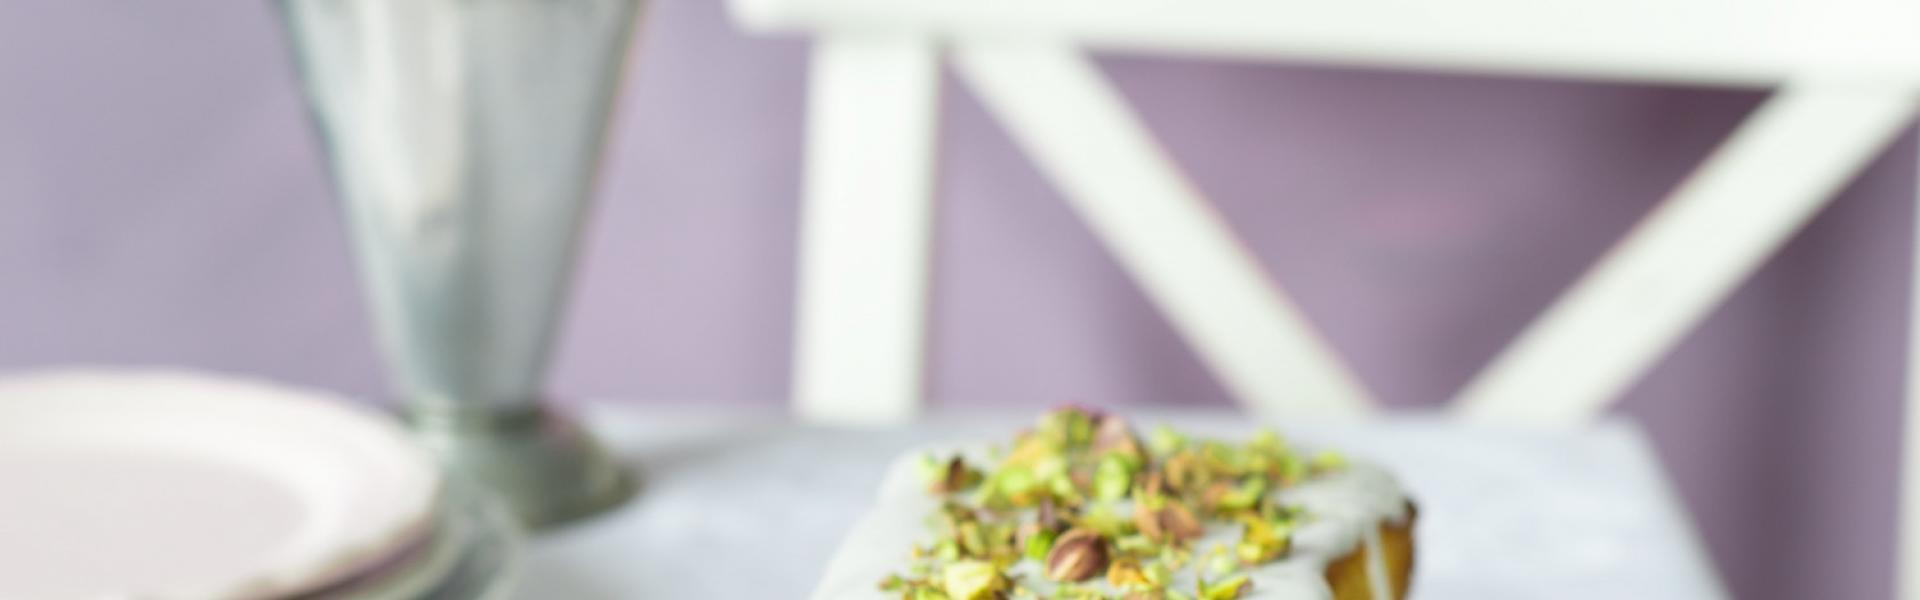 Mascarpone-Kuchen mit Himbeeren und Zuckerguss steht auf einem Kuchenteller.